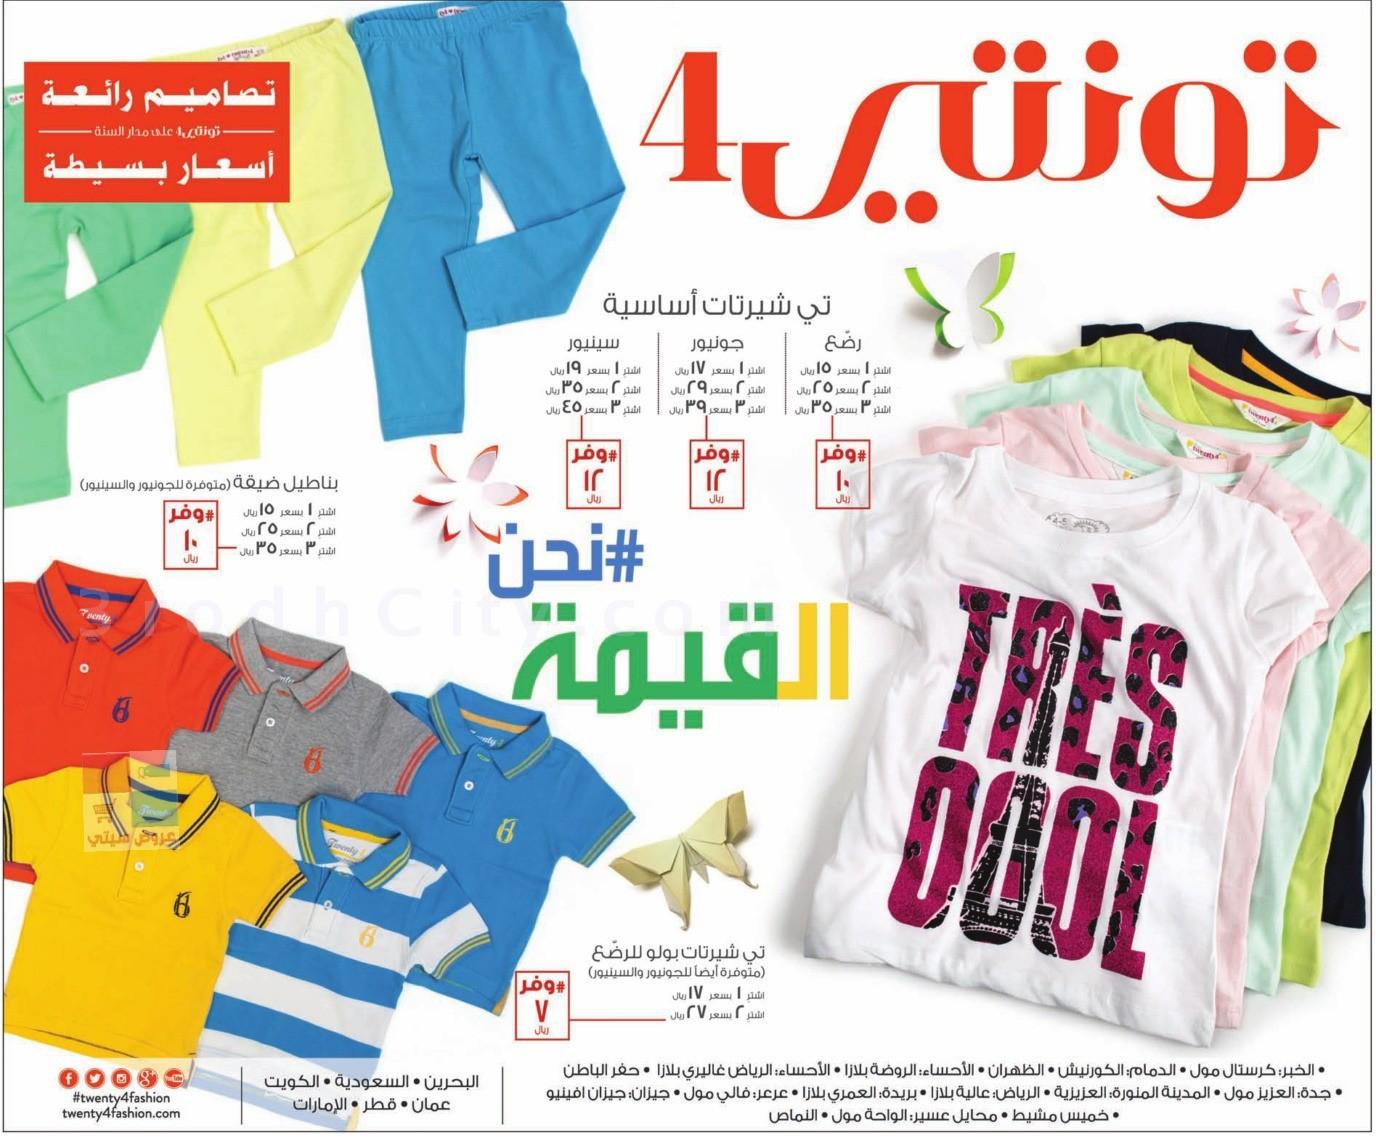 أسعار مذهلة تصاميم رائعة لدى تونتي فور السعودية pLDZRp.jpg